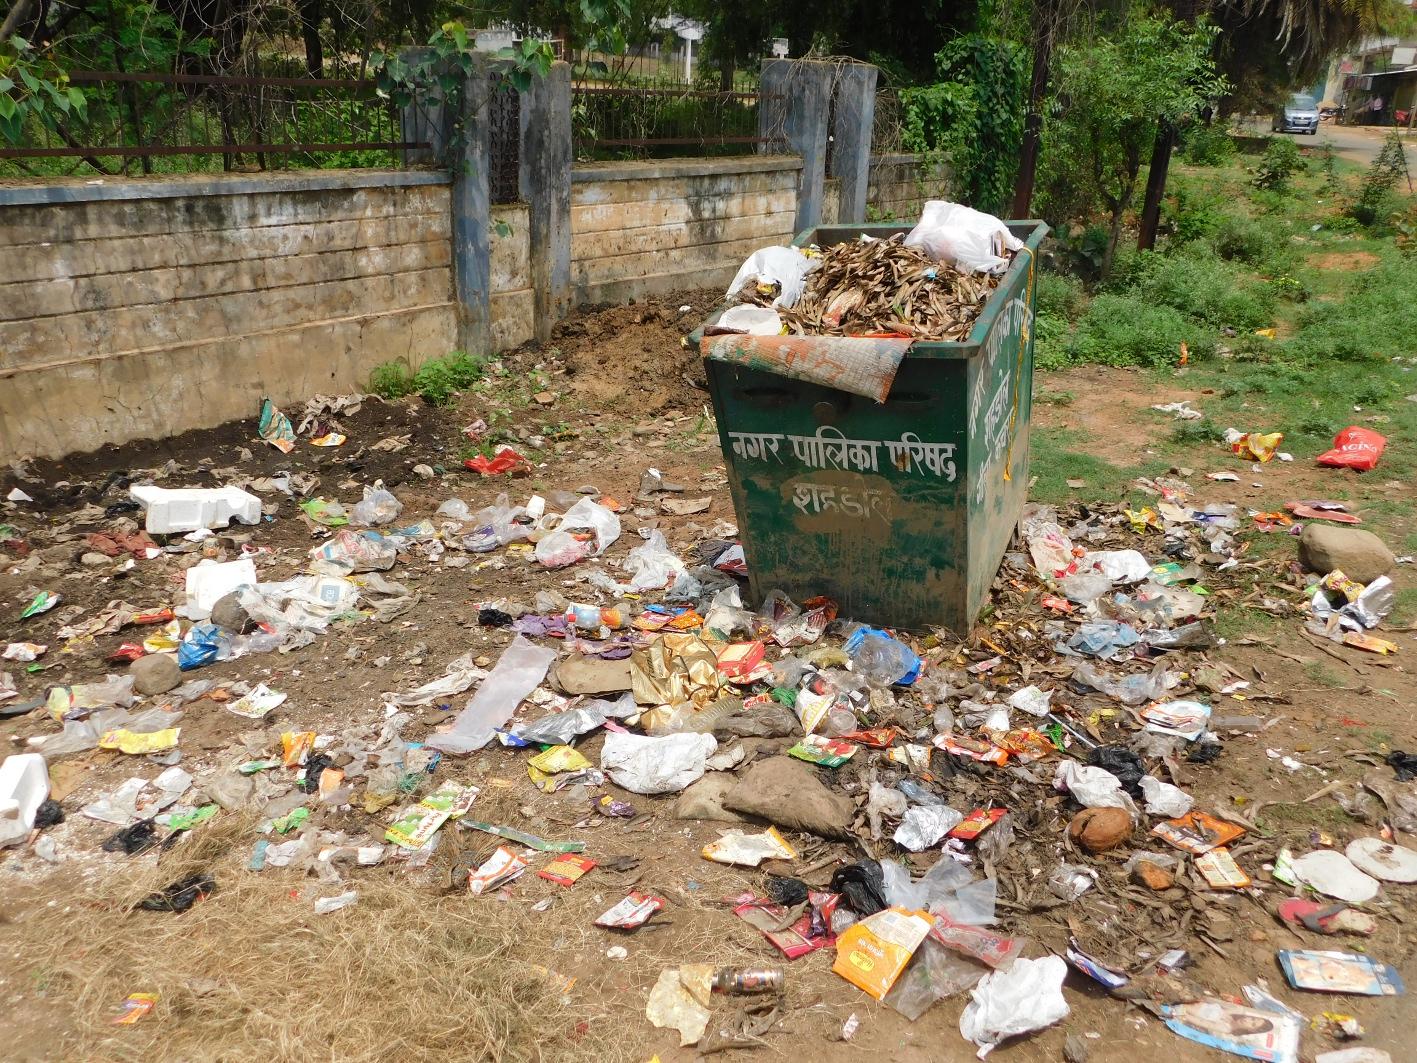 नगर की सफाई व्यवस्था बेपटरी, जगह जगह कचरे का ढ़ेर